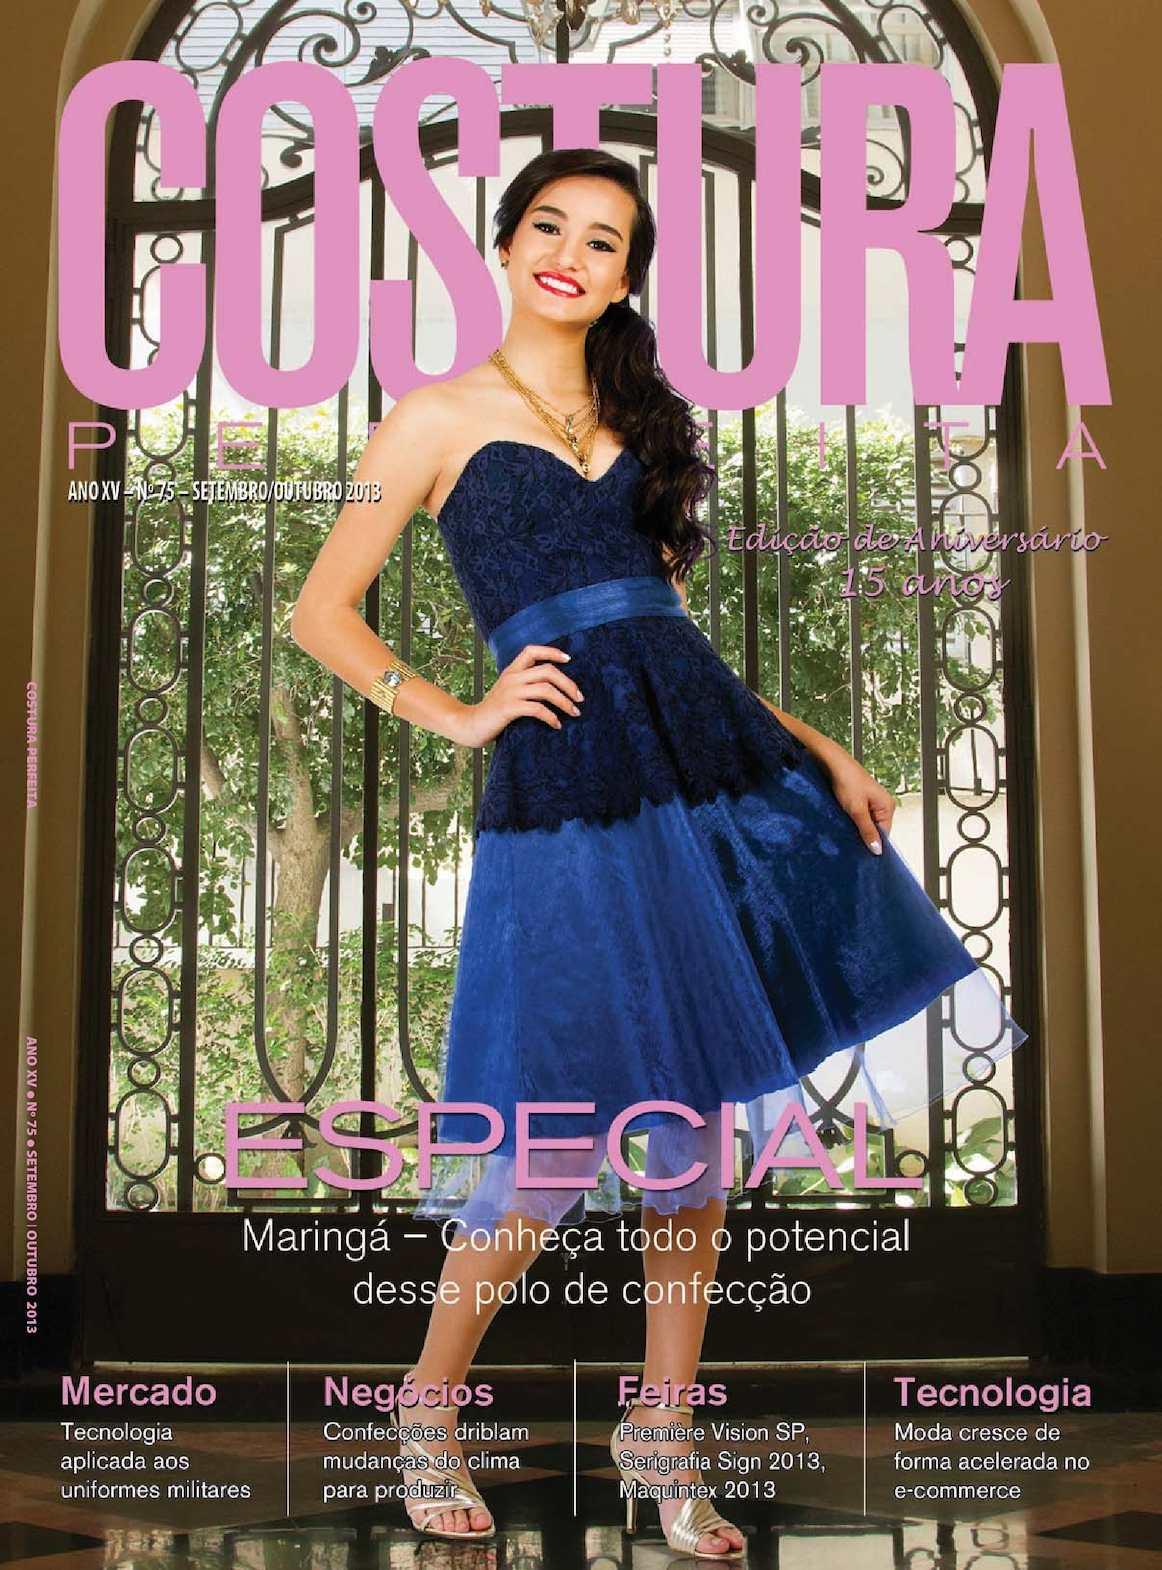 43c8eca10 Calaméo - Revista Costura Perfeita Edição Ano XV - N75 - Setembro-Outubro  2013